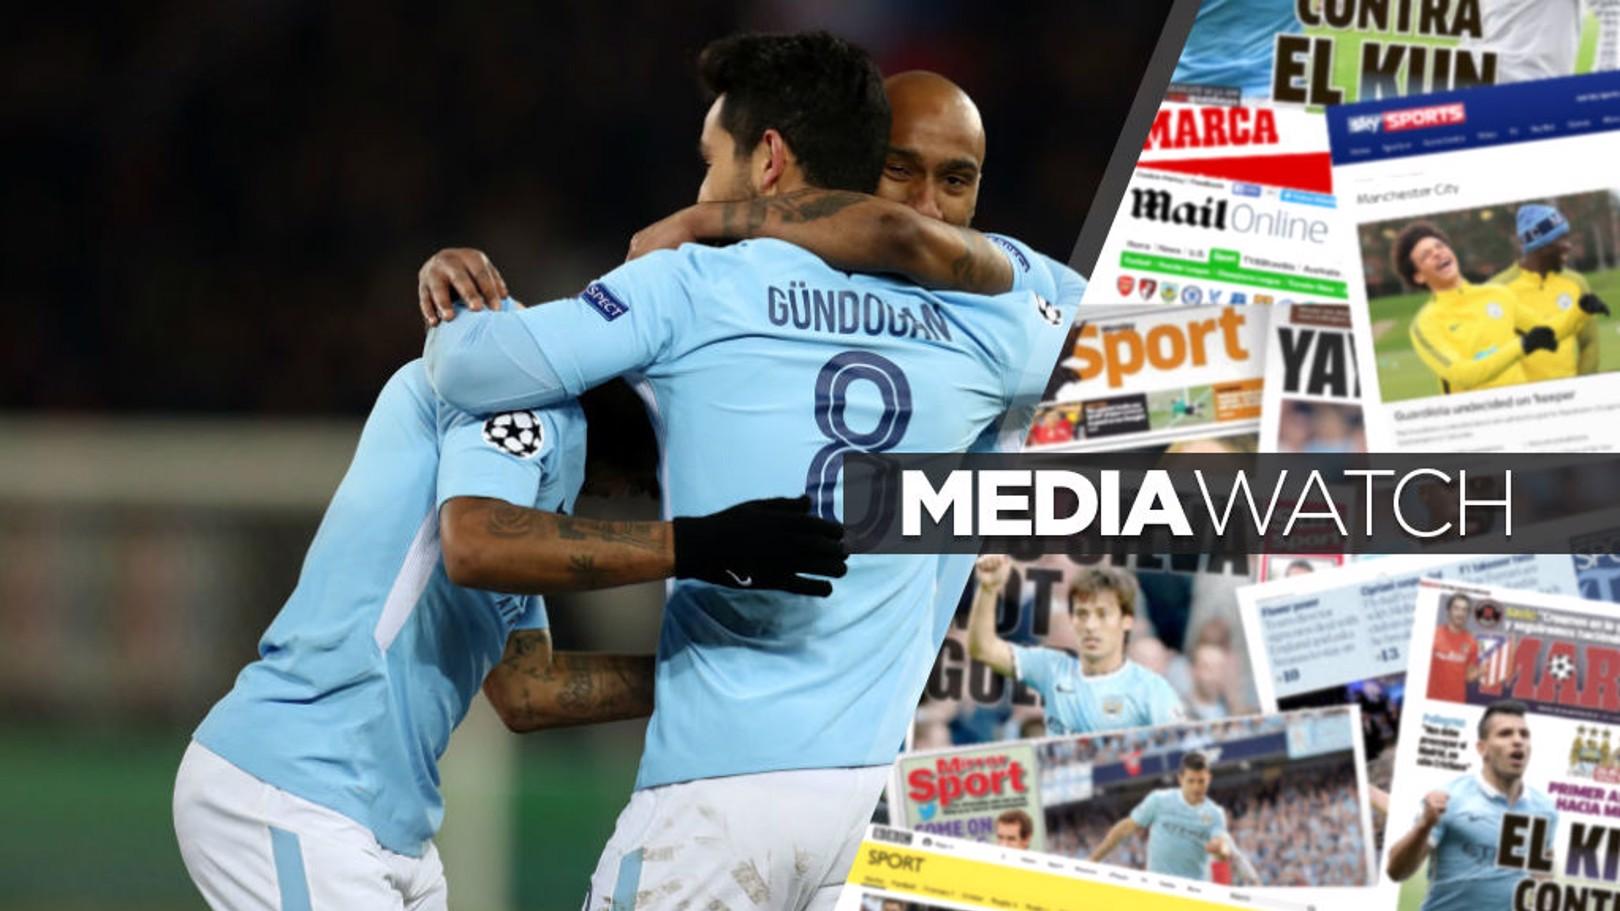 صحف ترشح مانشستر سيتي للفوز بلقب دوري أبطال أوروبا هذا الموسم.